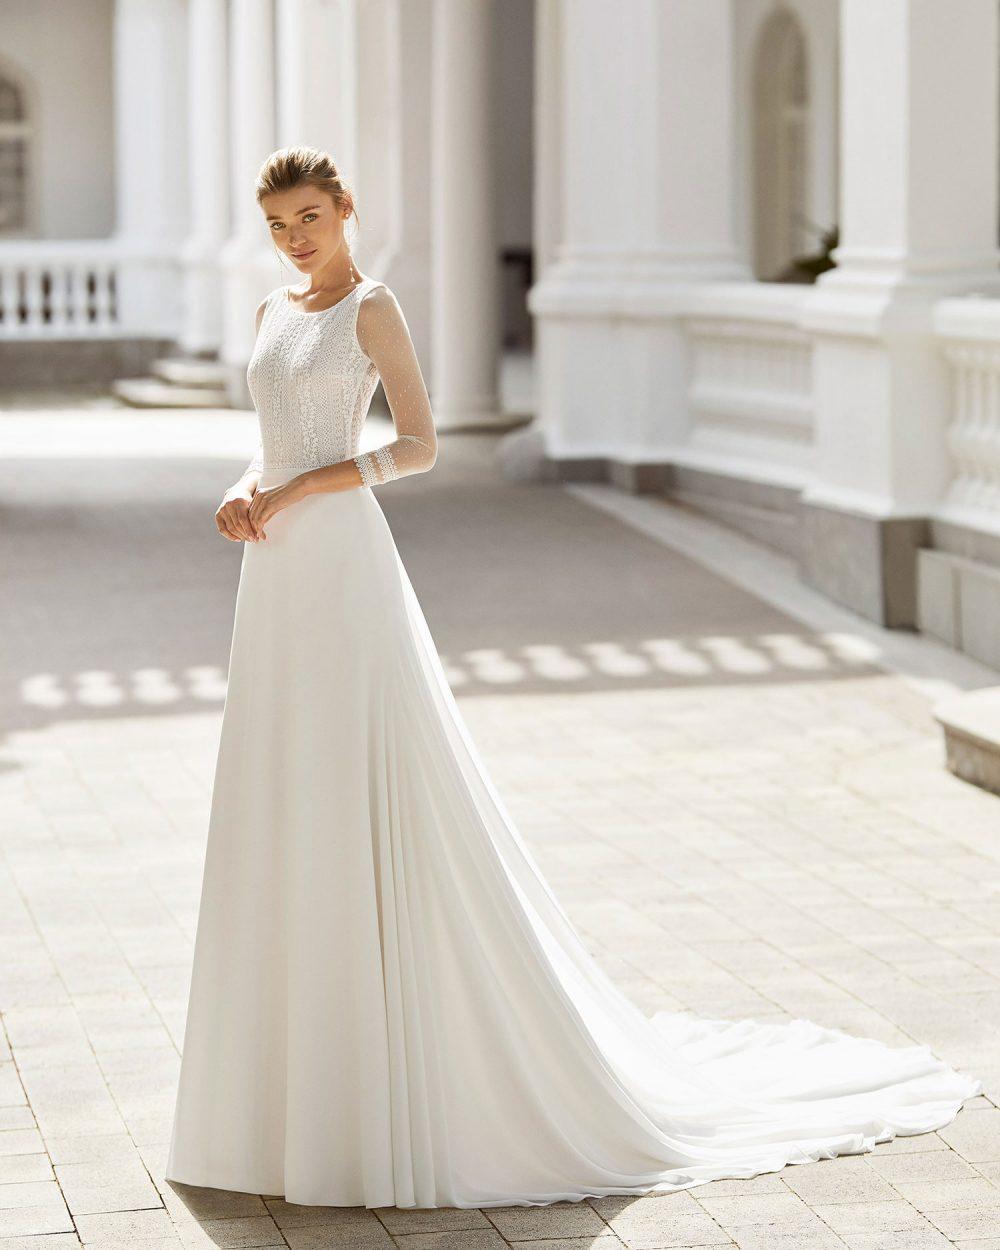 Rosa Clarà 2022 abito vestito sposa Vicenza SALGAR